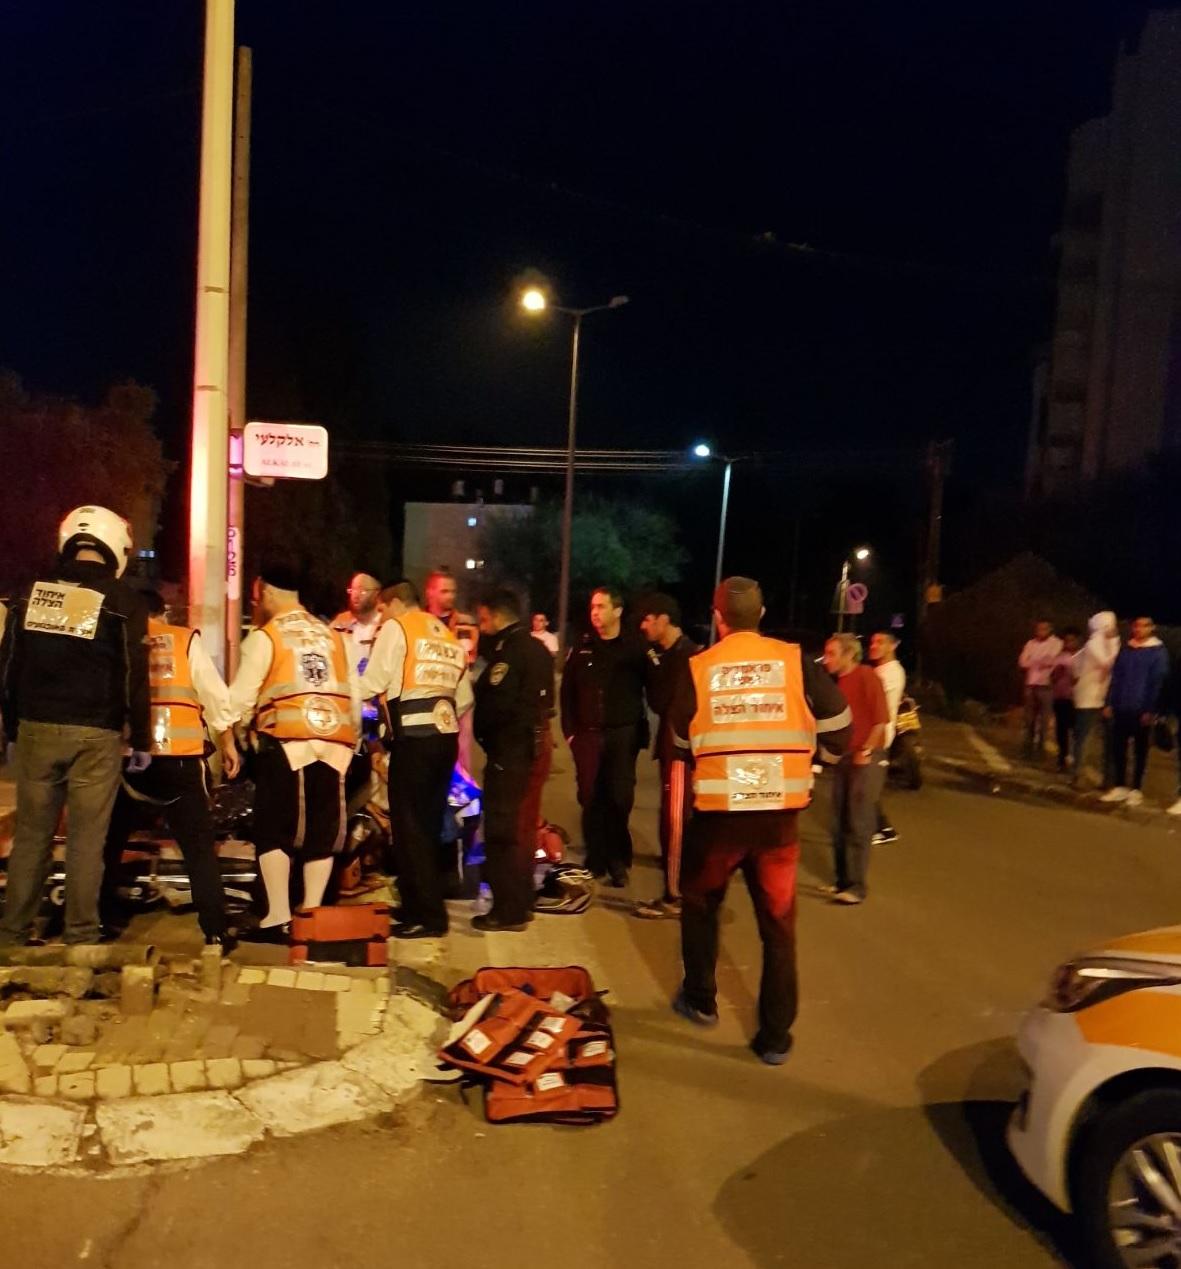 תאונת אופנוע בשכונת עמישב בפתח תקוה